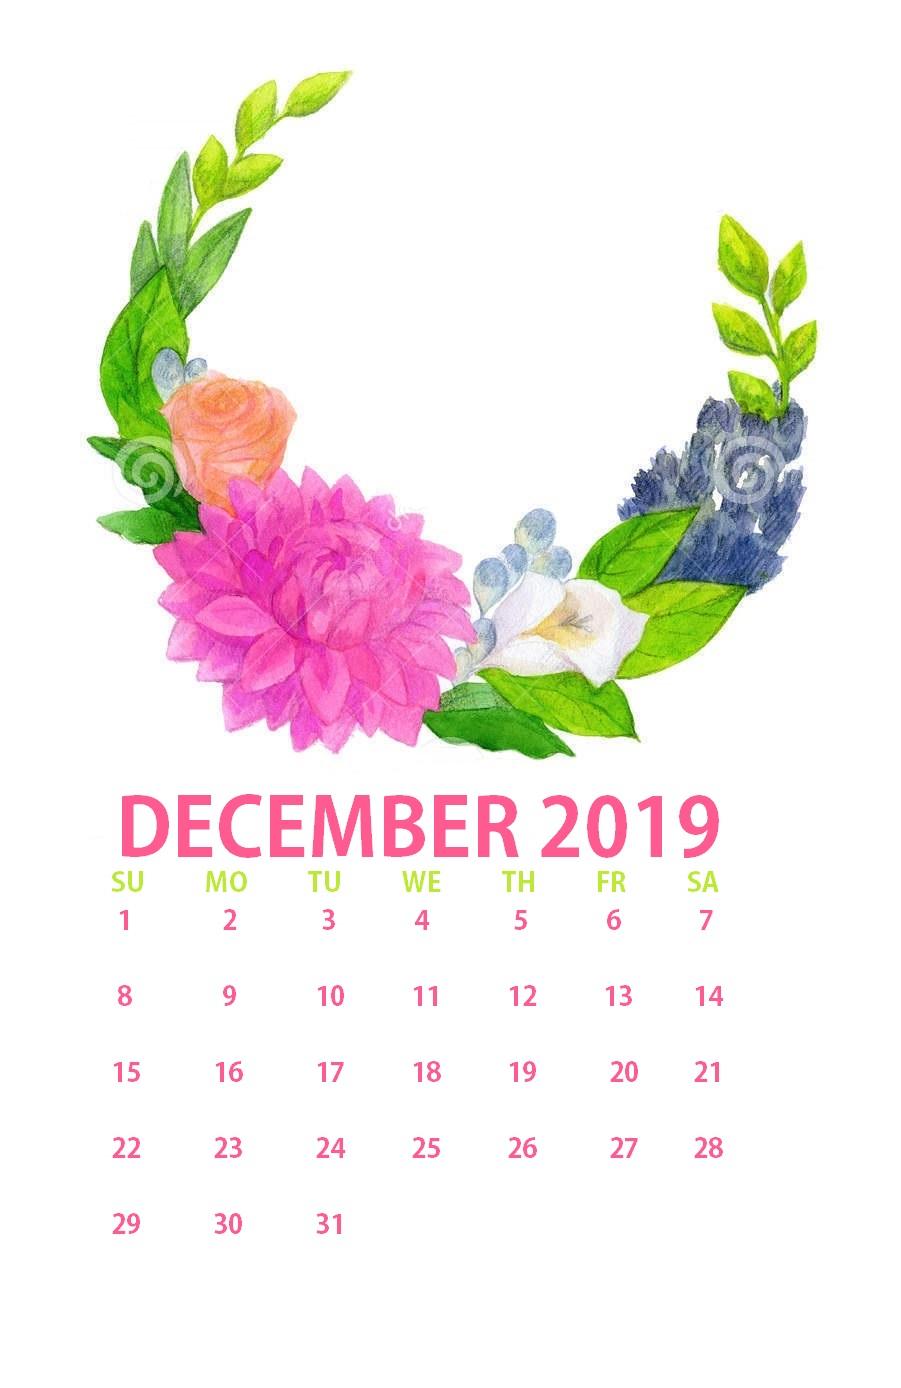 Floral December 2019 Calendar Download